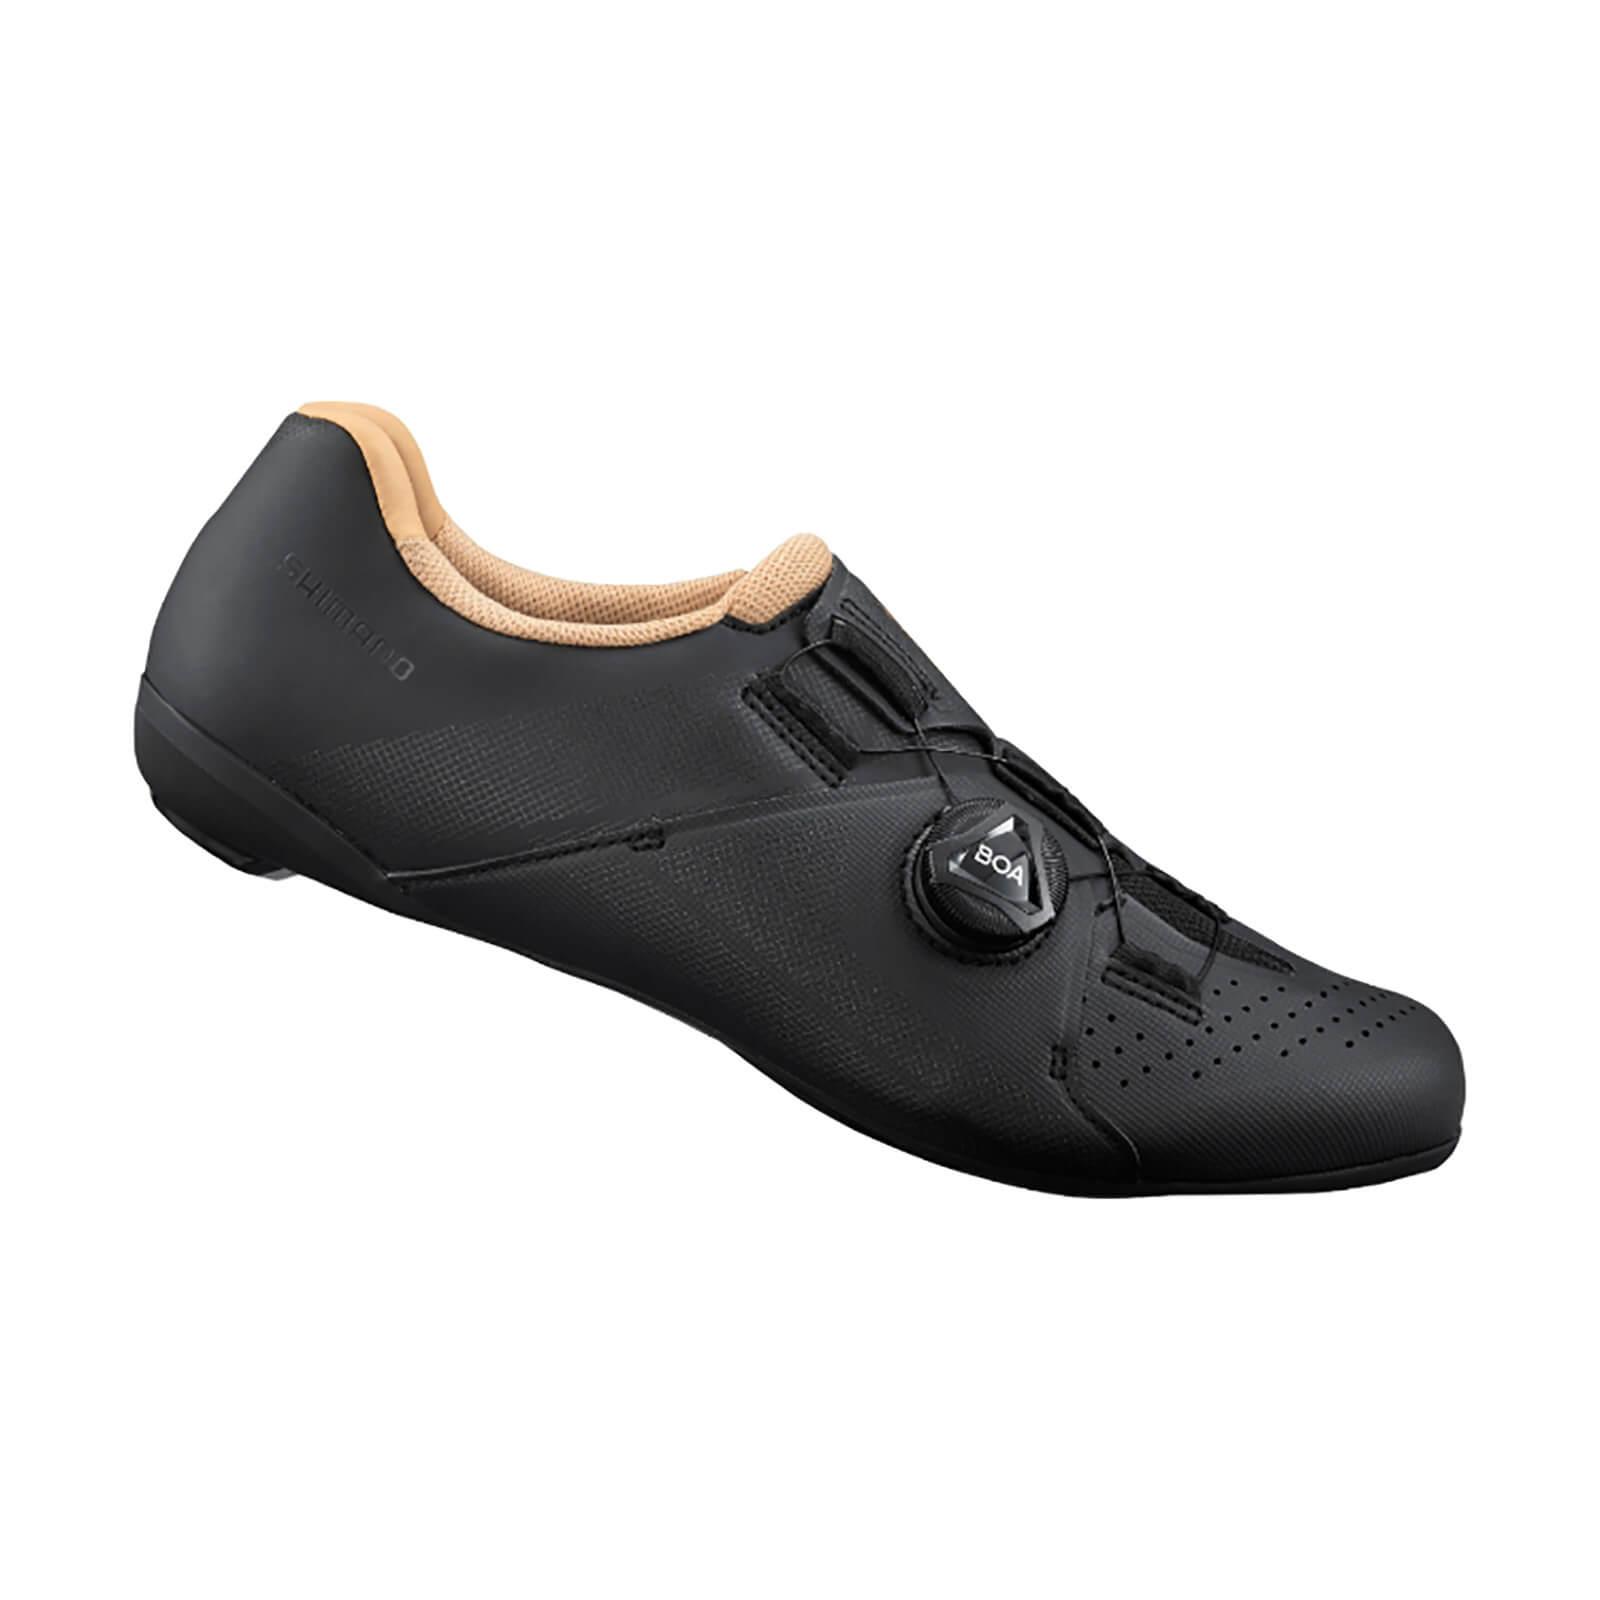 Shimano Women's SH-RC300W Road Shoes - EU 38 - Schwarz